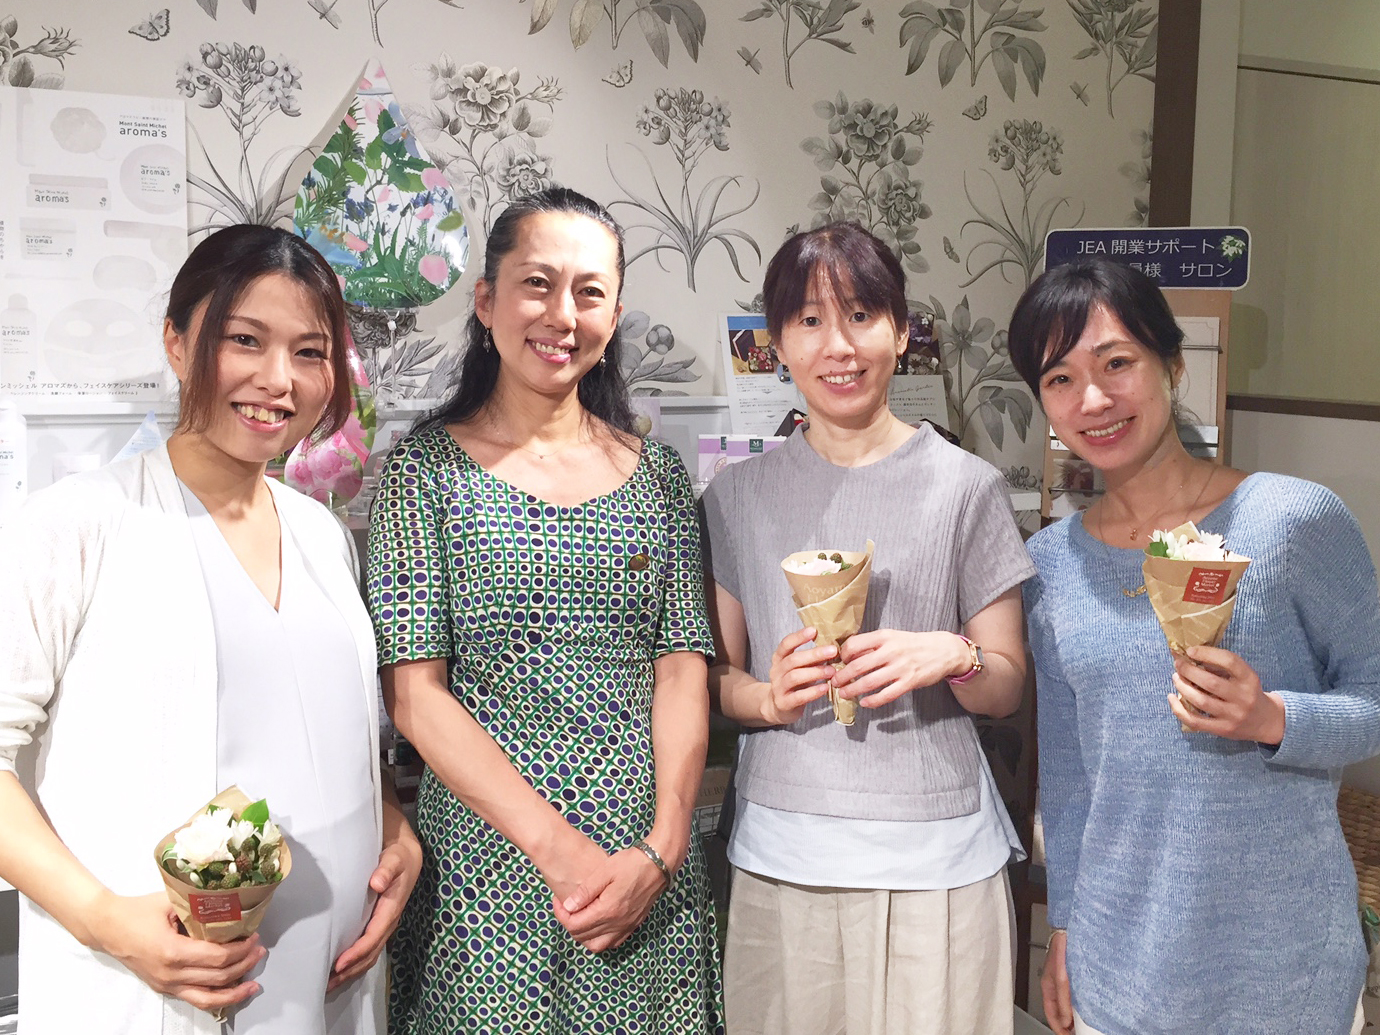 <京都校・11月期>IFPA資格対応メディカルアロマセラピストコース(全日制)修了しました。